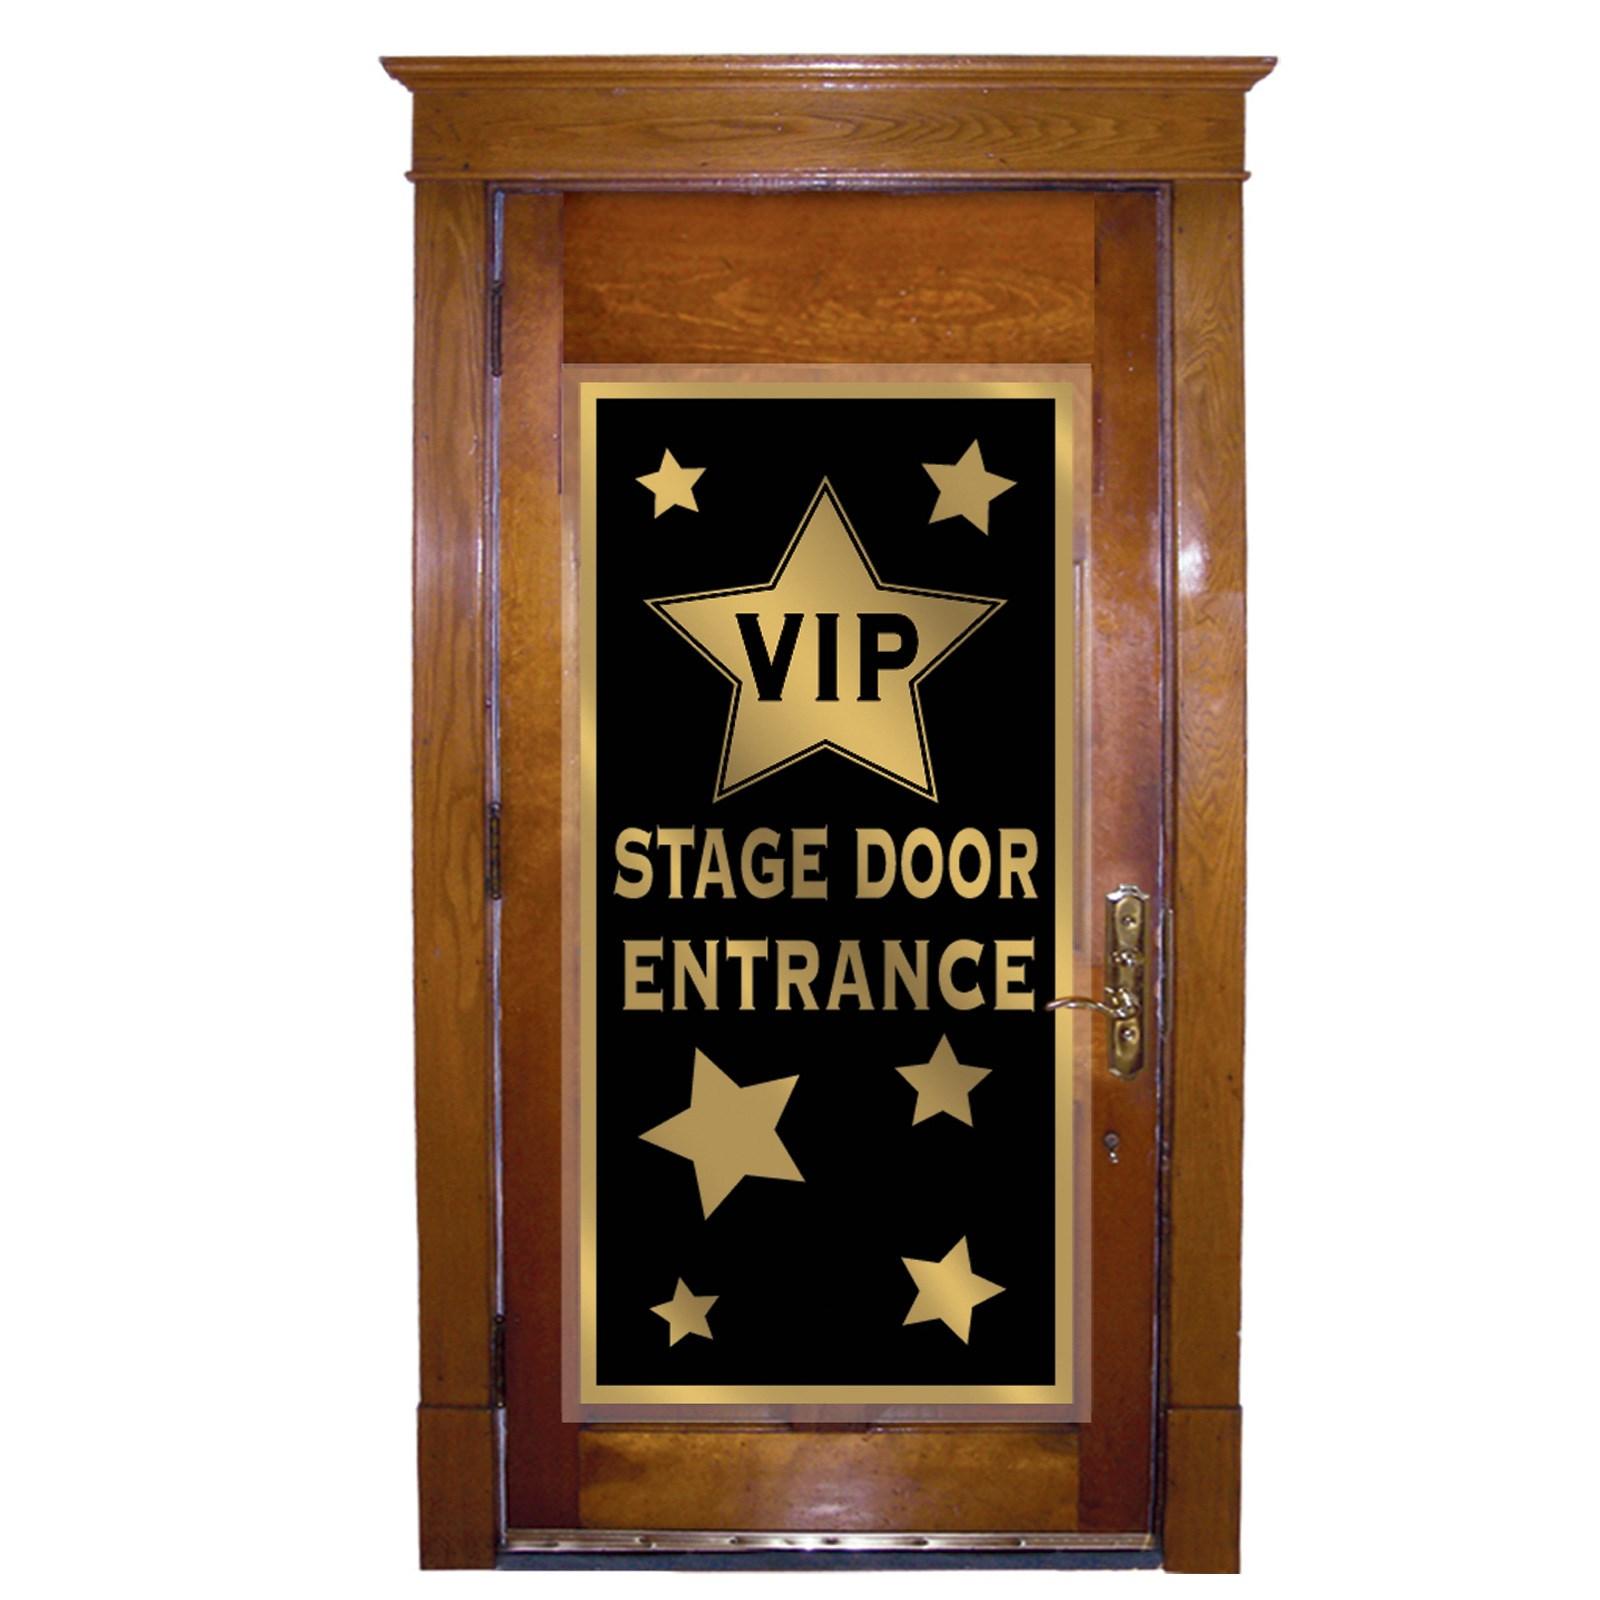 Vip stage door entrance door cover for Miroir loge de star